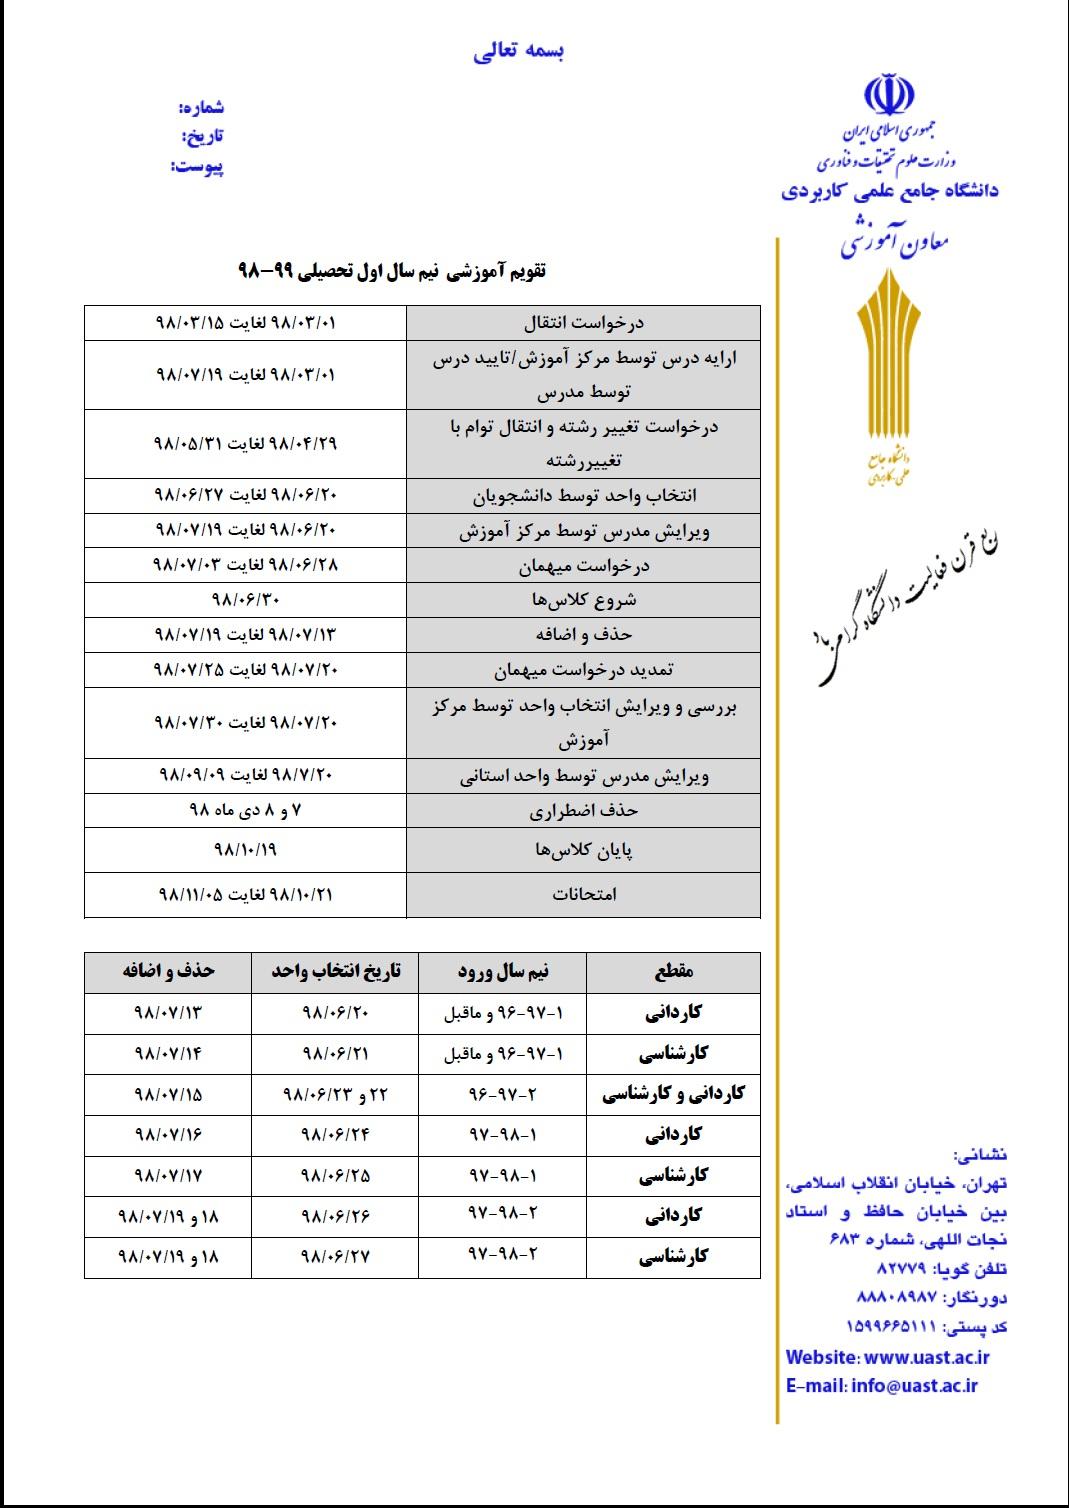 تقویم آموزشی نیمسال اول 99-98